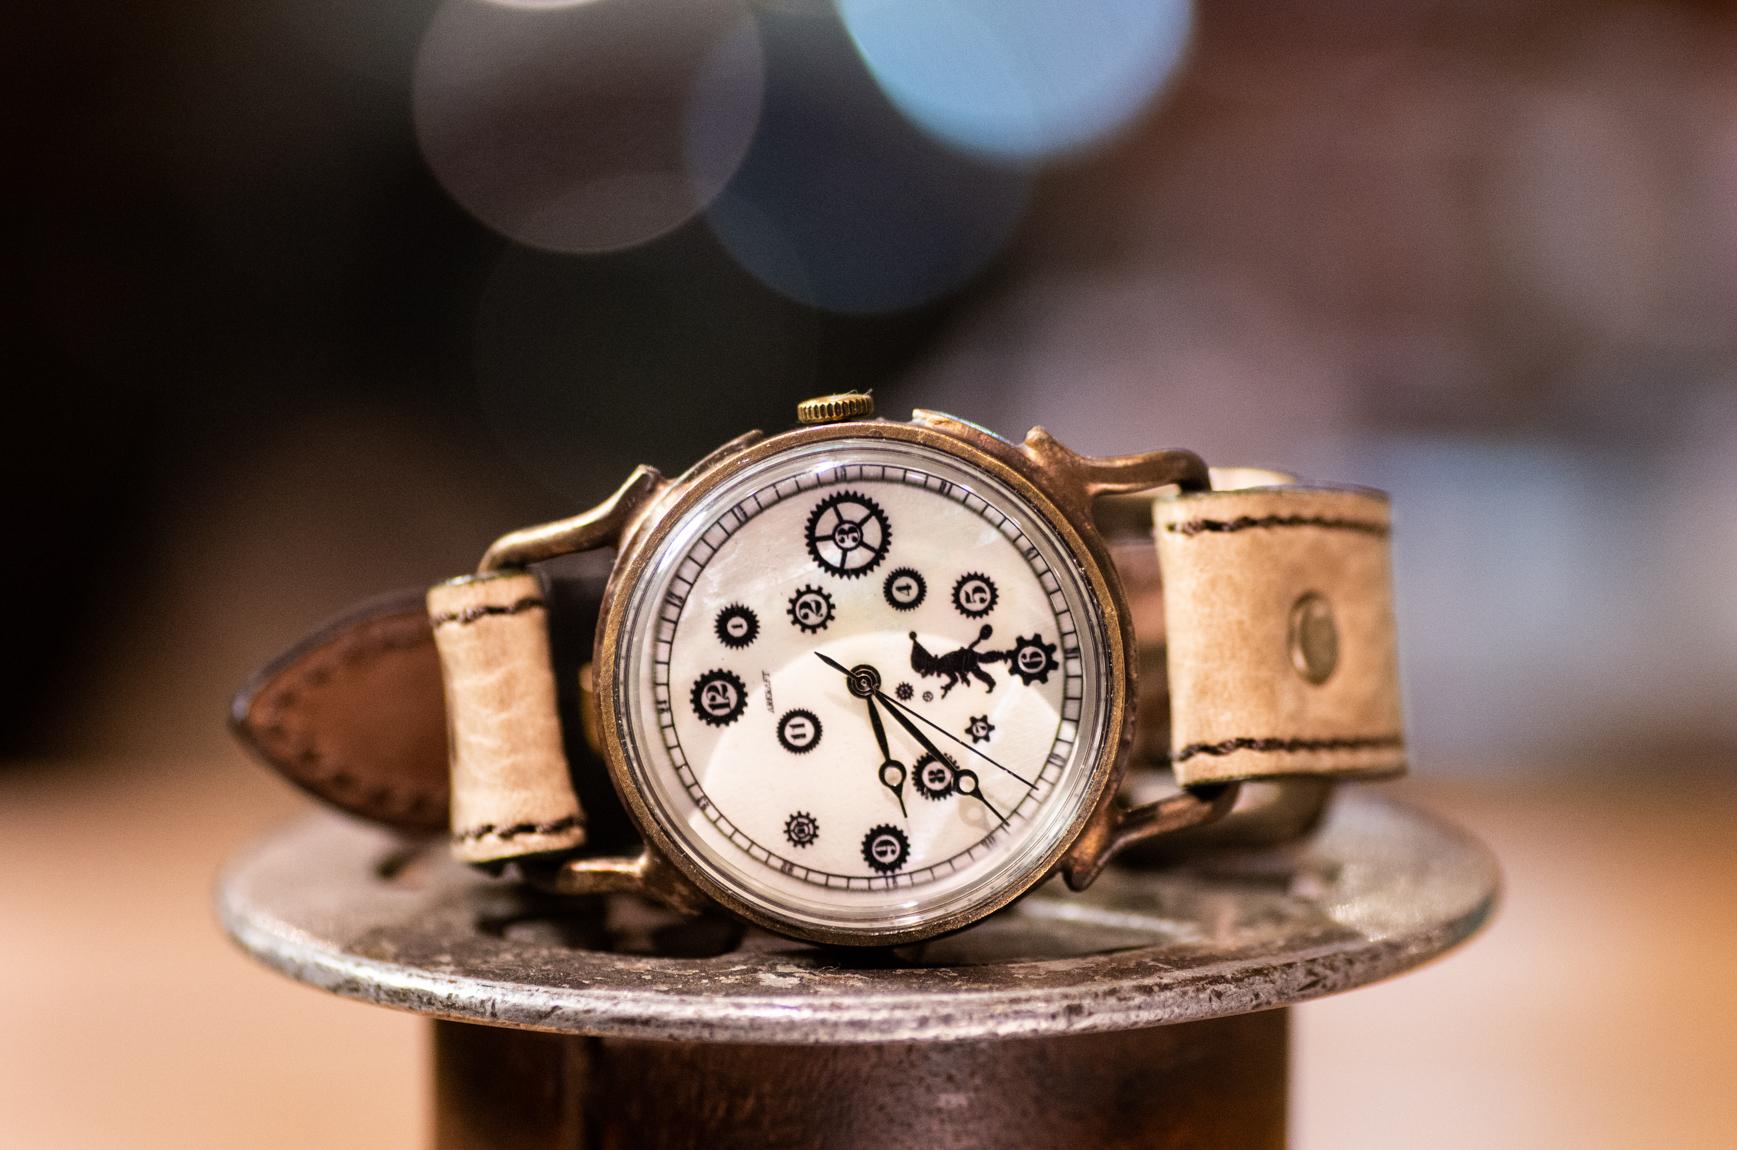 歯車とピエロの影絵の腕時計(Pivo Large/在庫品)